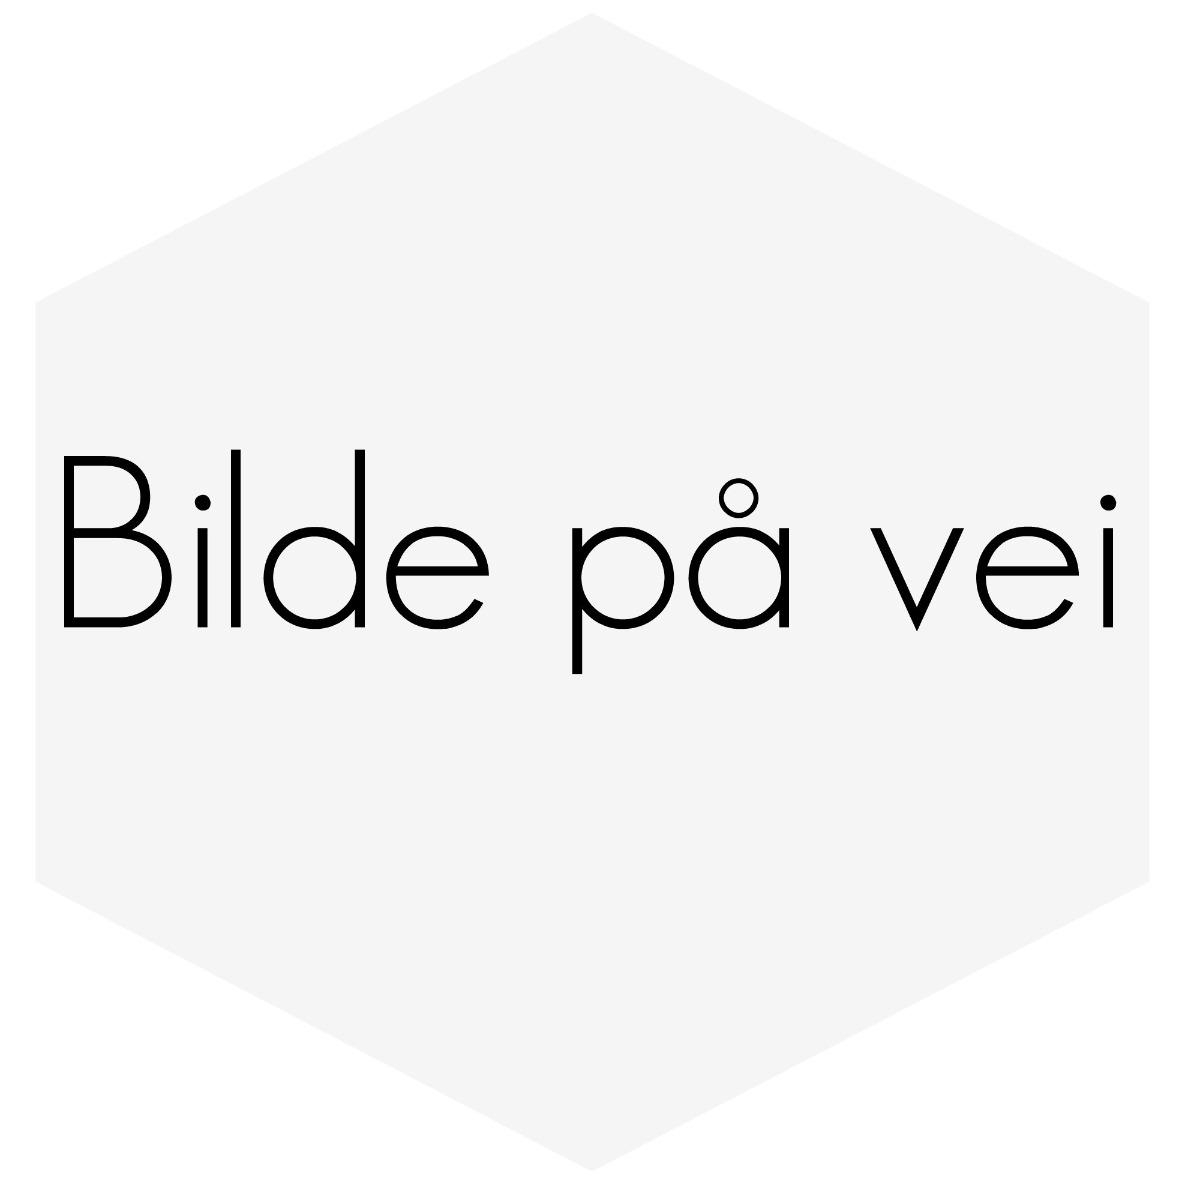 RADIATOR VANN VOLVO 850/ X70 TURBO 94-00 MED MOTOR-OLJEKJØLE